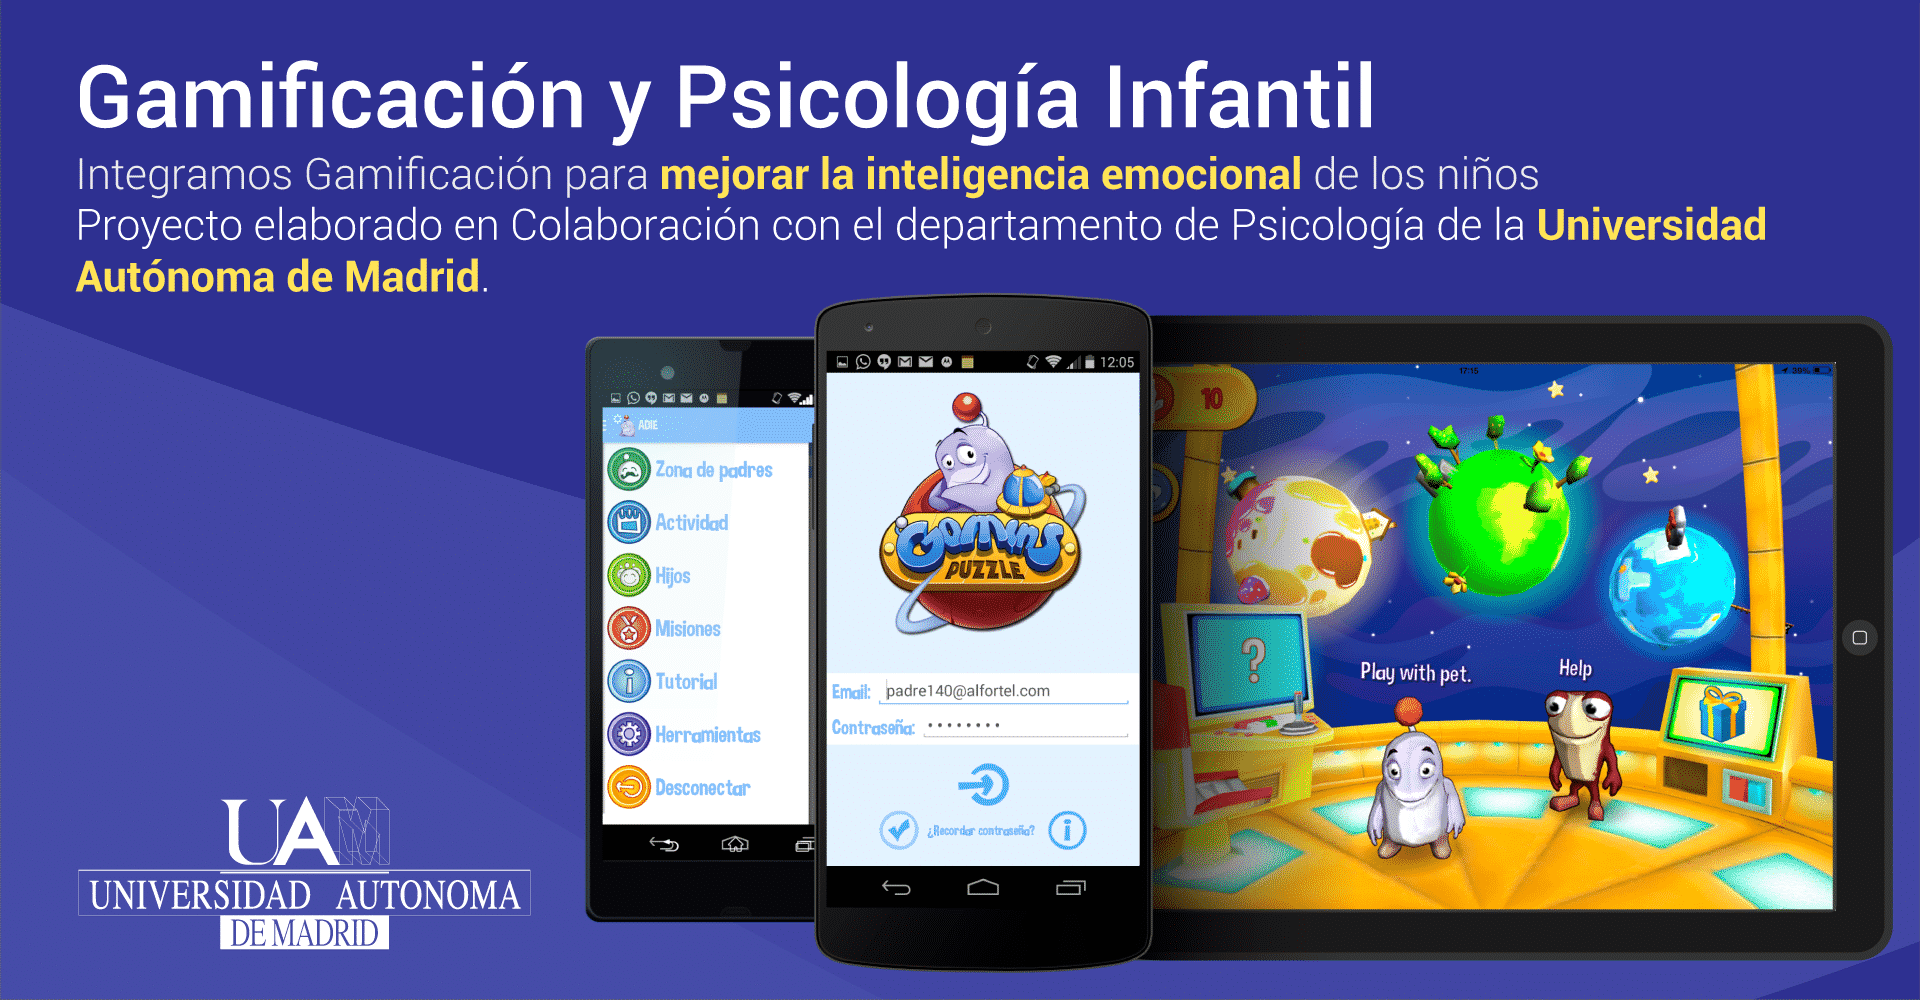 Gomins juego gamificacion y psicologia infantil